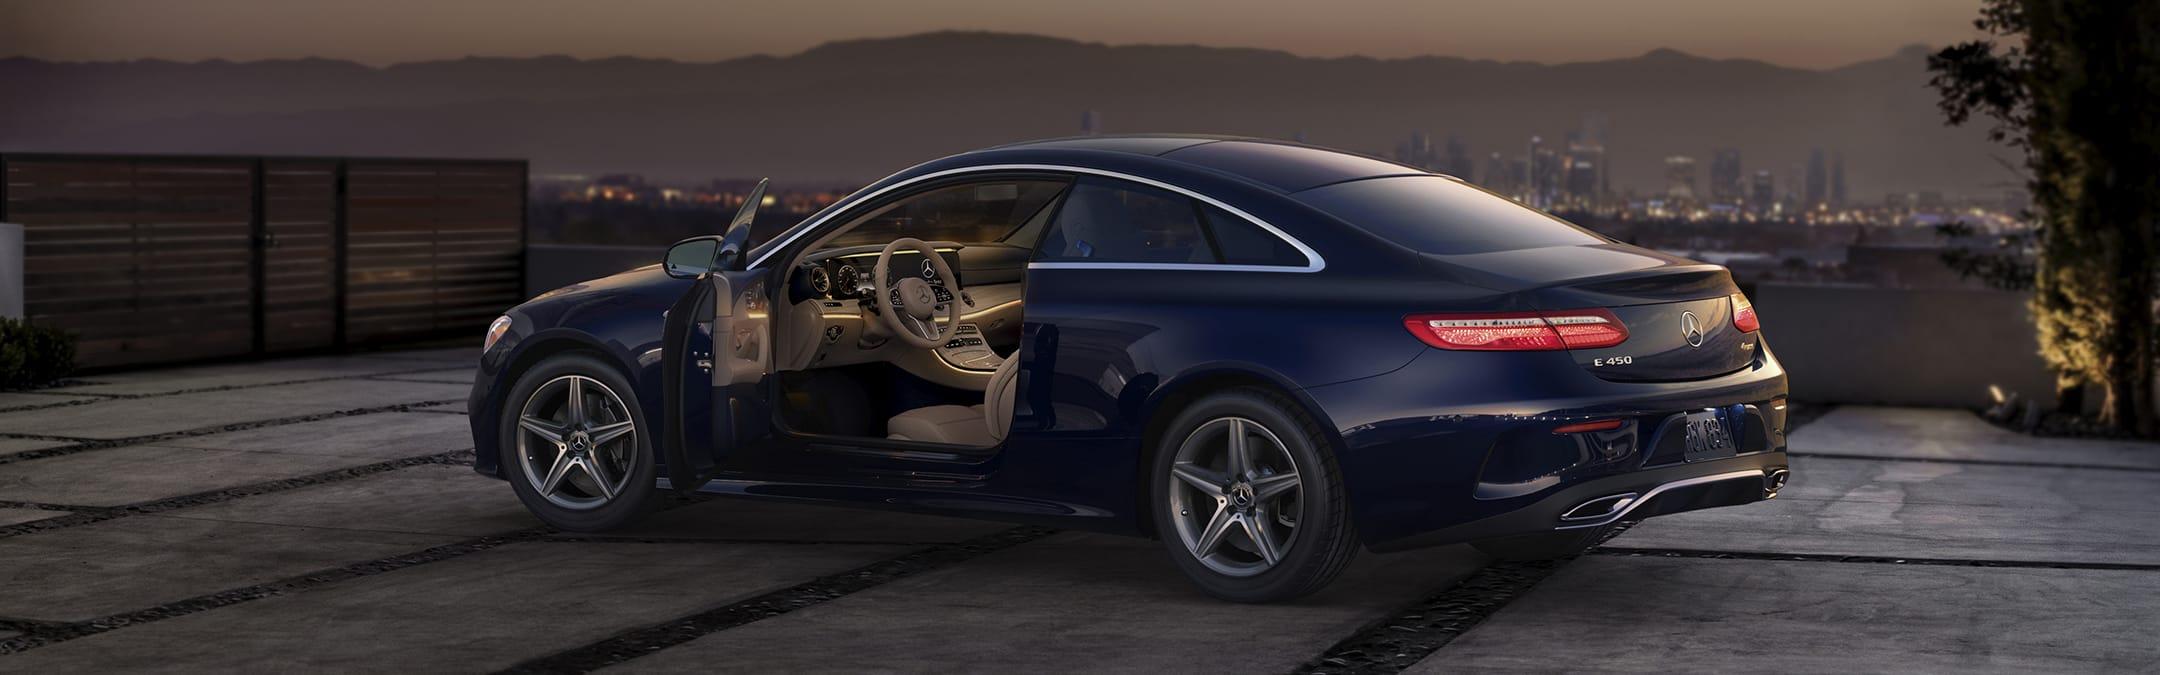 Mercedes-Benz E-Class Coupe - Image